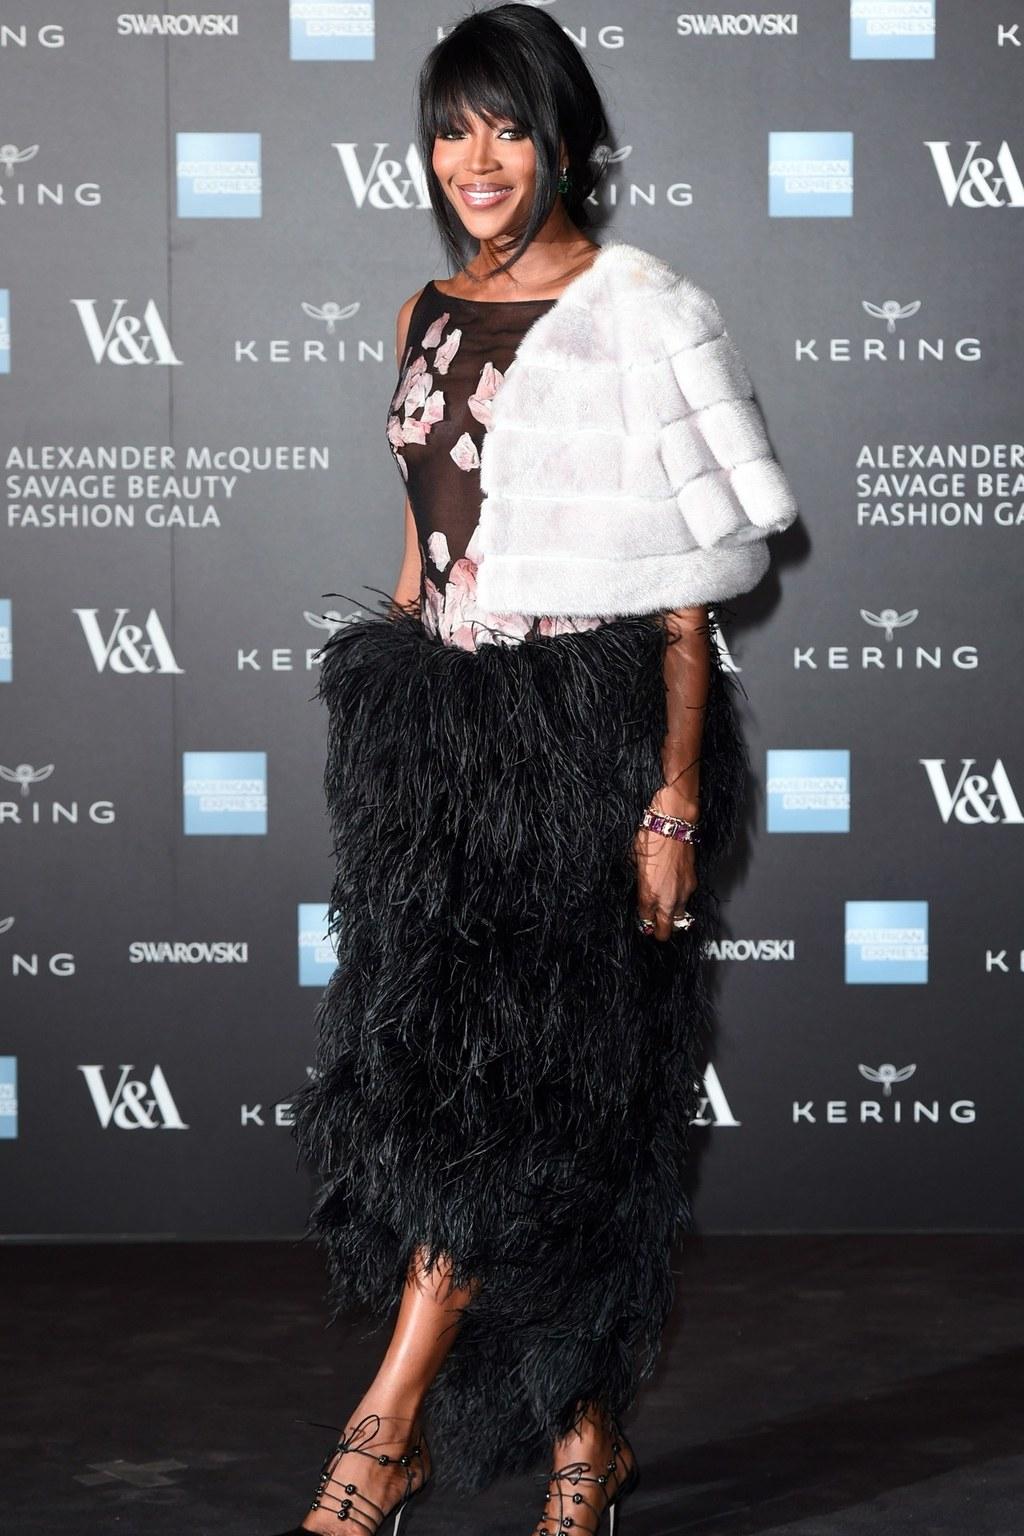 Naomi Campbell mặc trang phục của NTK Alexander McQueen tại triển lãm Savage Beauty